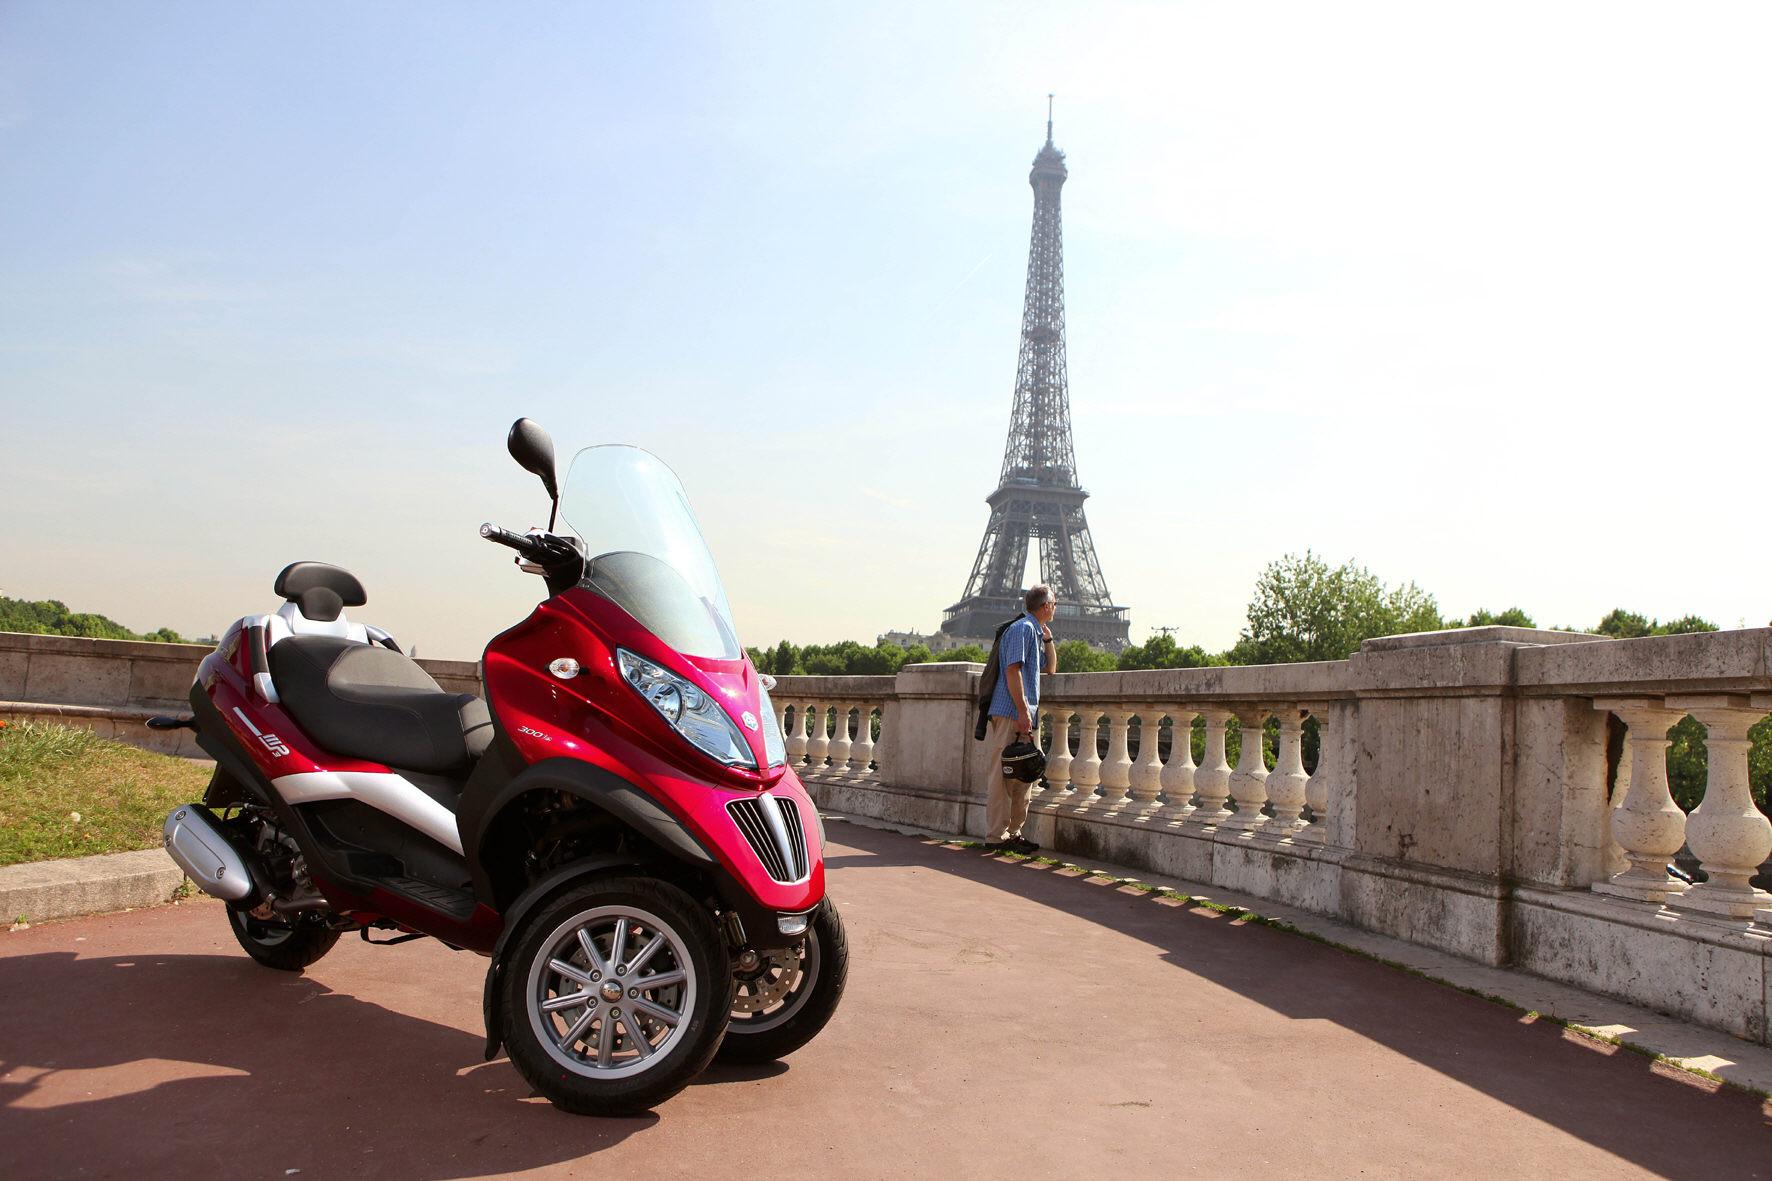 Die Top Ten der beliebtesten Gebrauchtmotorräder führt ein dreirädriger Großroller an